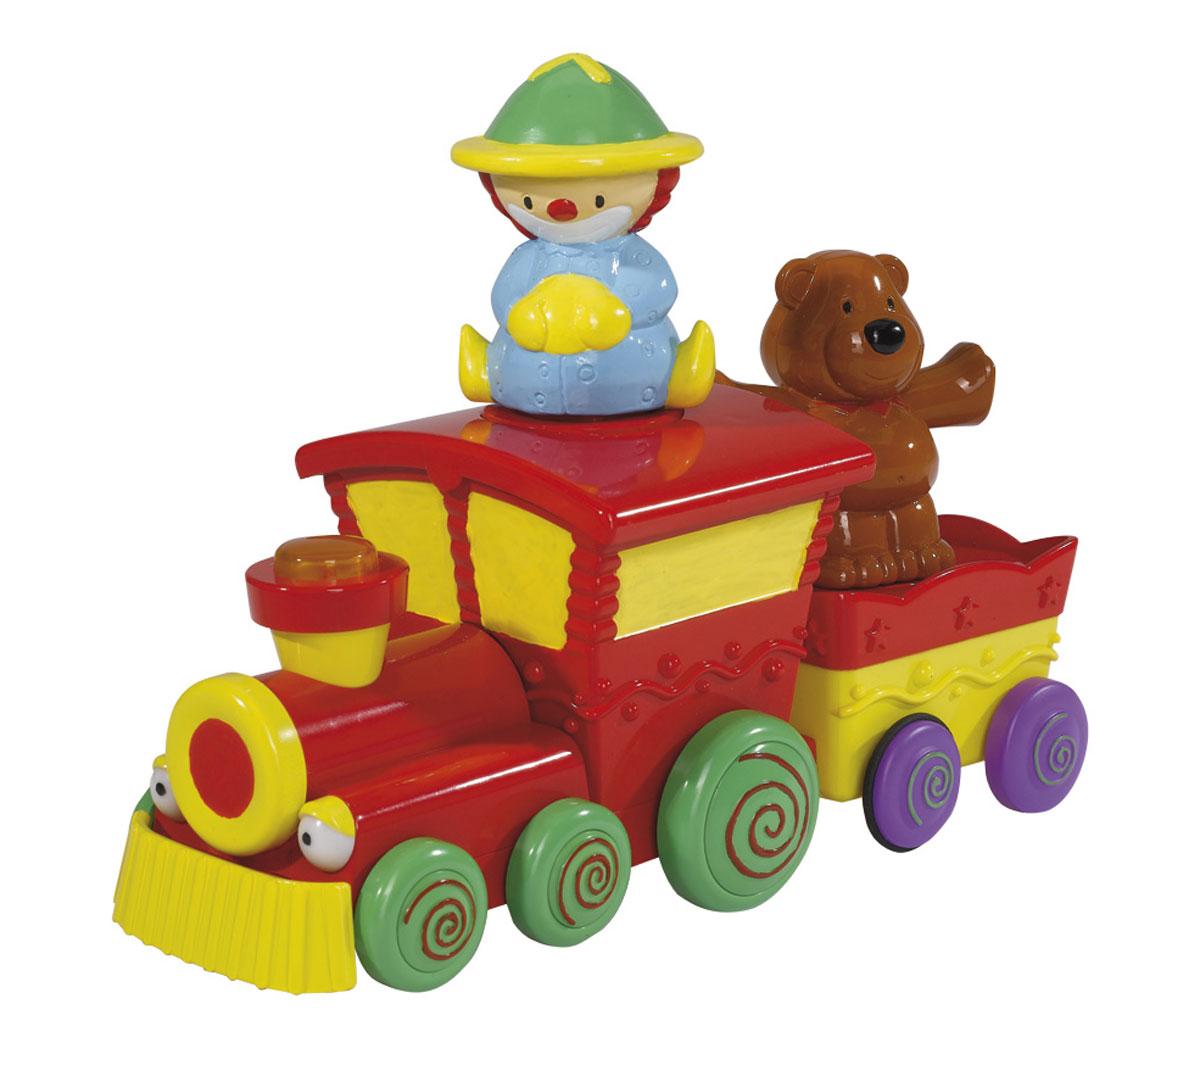 Simba Паровозик цвет красный4017147Красочная развивающая игрушка Simba Паровозик понравится любому малышу. Игрушка изготовлена из высококачественного пластика ярких цветов в виде забавного паровозика с вагончиком. Вместе с веселым клоуном и медвежонком малыш отправляется в путешествие. Фигурки можно менять местами и сажать их на паровозик, или вагончик. Если нажать на кнопку на трубе паровозика, то услышите звук настоящего поезда. Паровозик может двигаться, а при встрече с преградой, разворачивается и едет в другую сторону. Ребенку будет интересно передвигаться за ездящим паровозиком по комнате - ползком, или даже делая первые шаги. Благодаря данной игрушке ребенок будет развивать мелкую моторику и цветовое и звуковое восприятие. Для работы необходимы 2 батарейки типа АА (комплектуется демонстрационными).